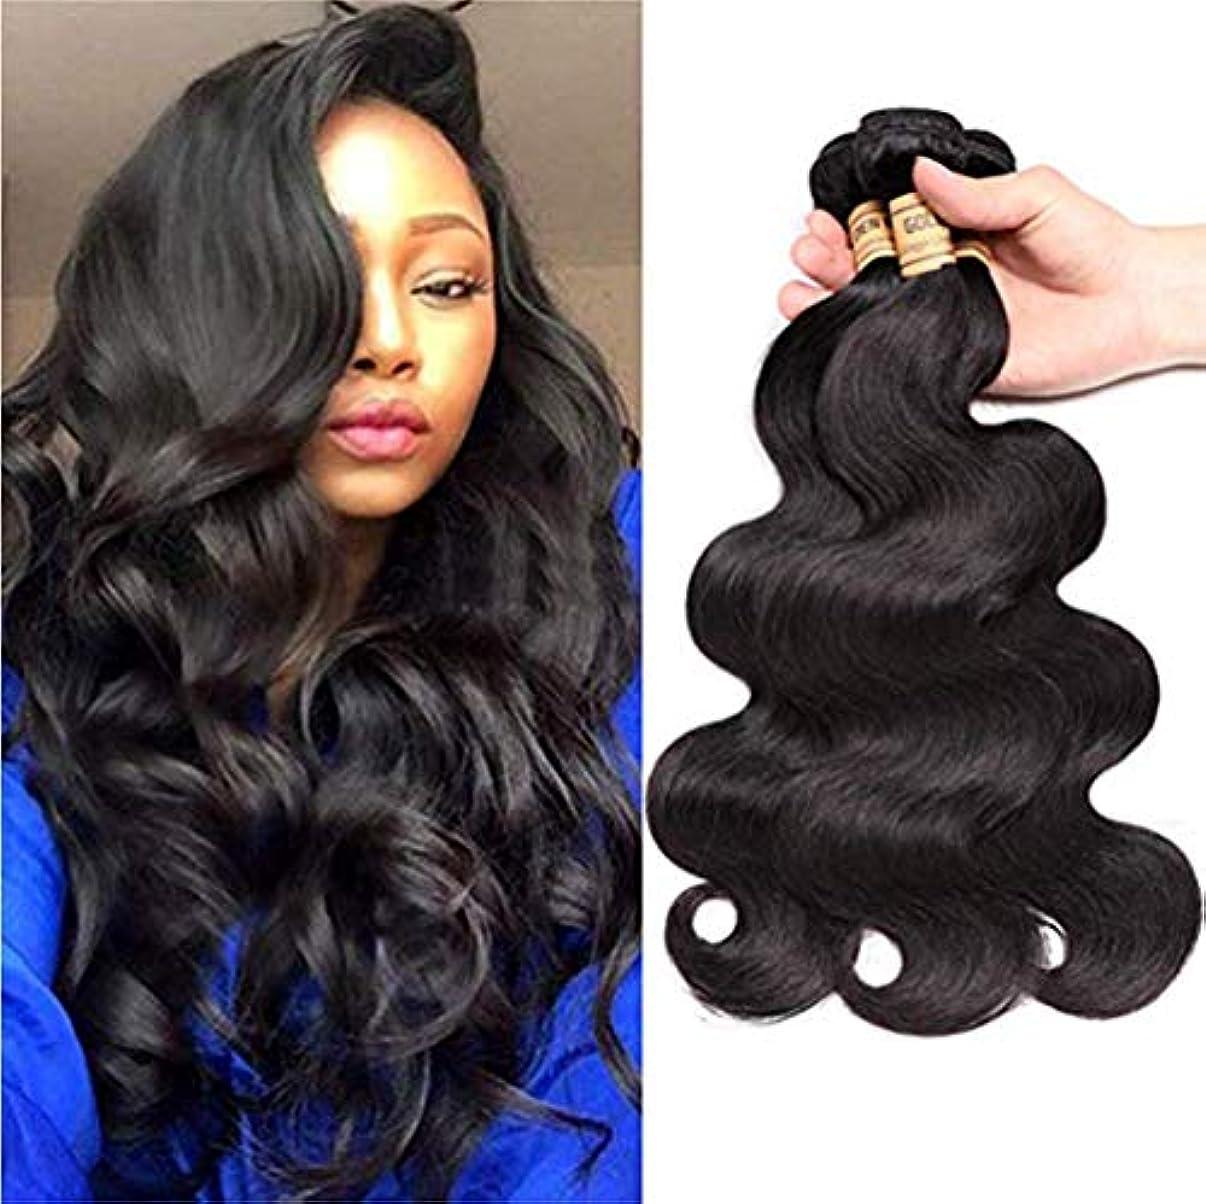 驚くばかりキャリッジ影響を受けやすいです閉鎖とブラジルの実体波の束を編む女性の髪閉鎖人間の髪の毛の束とブラジルの髪の束